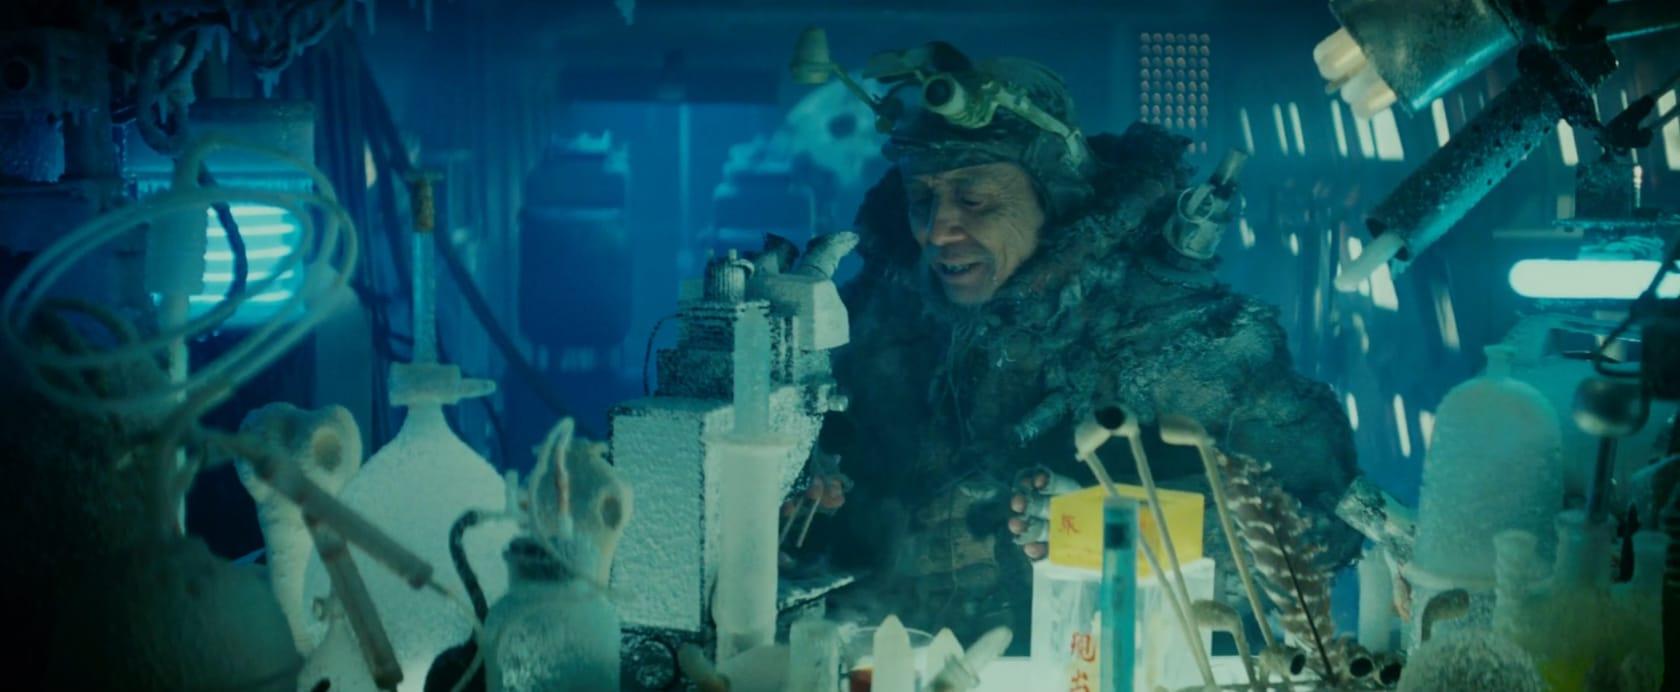 Blade Runner scene 2